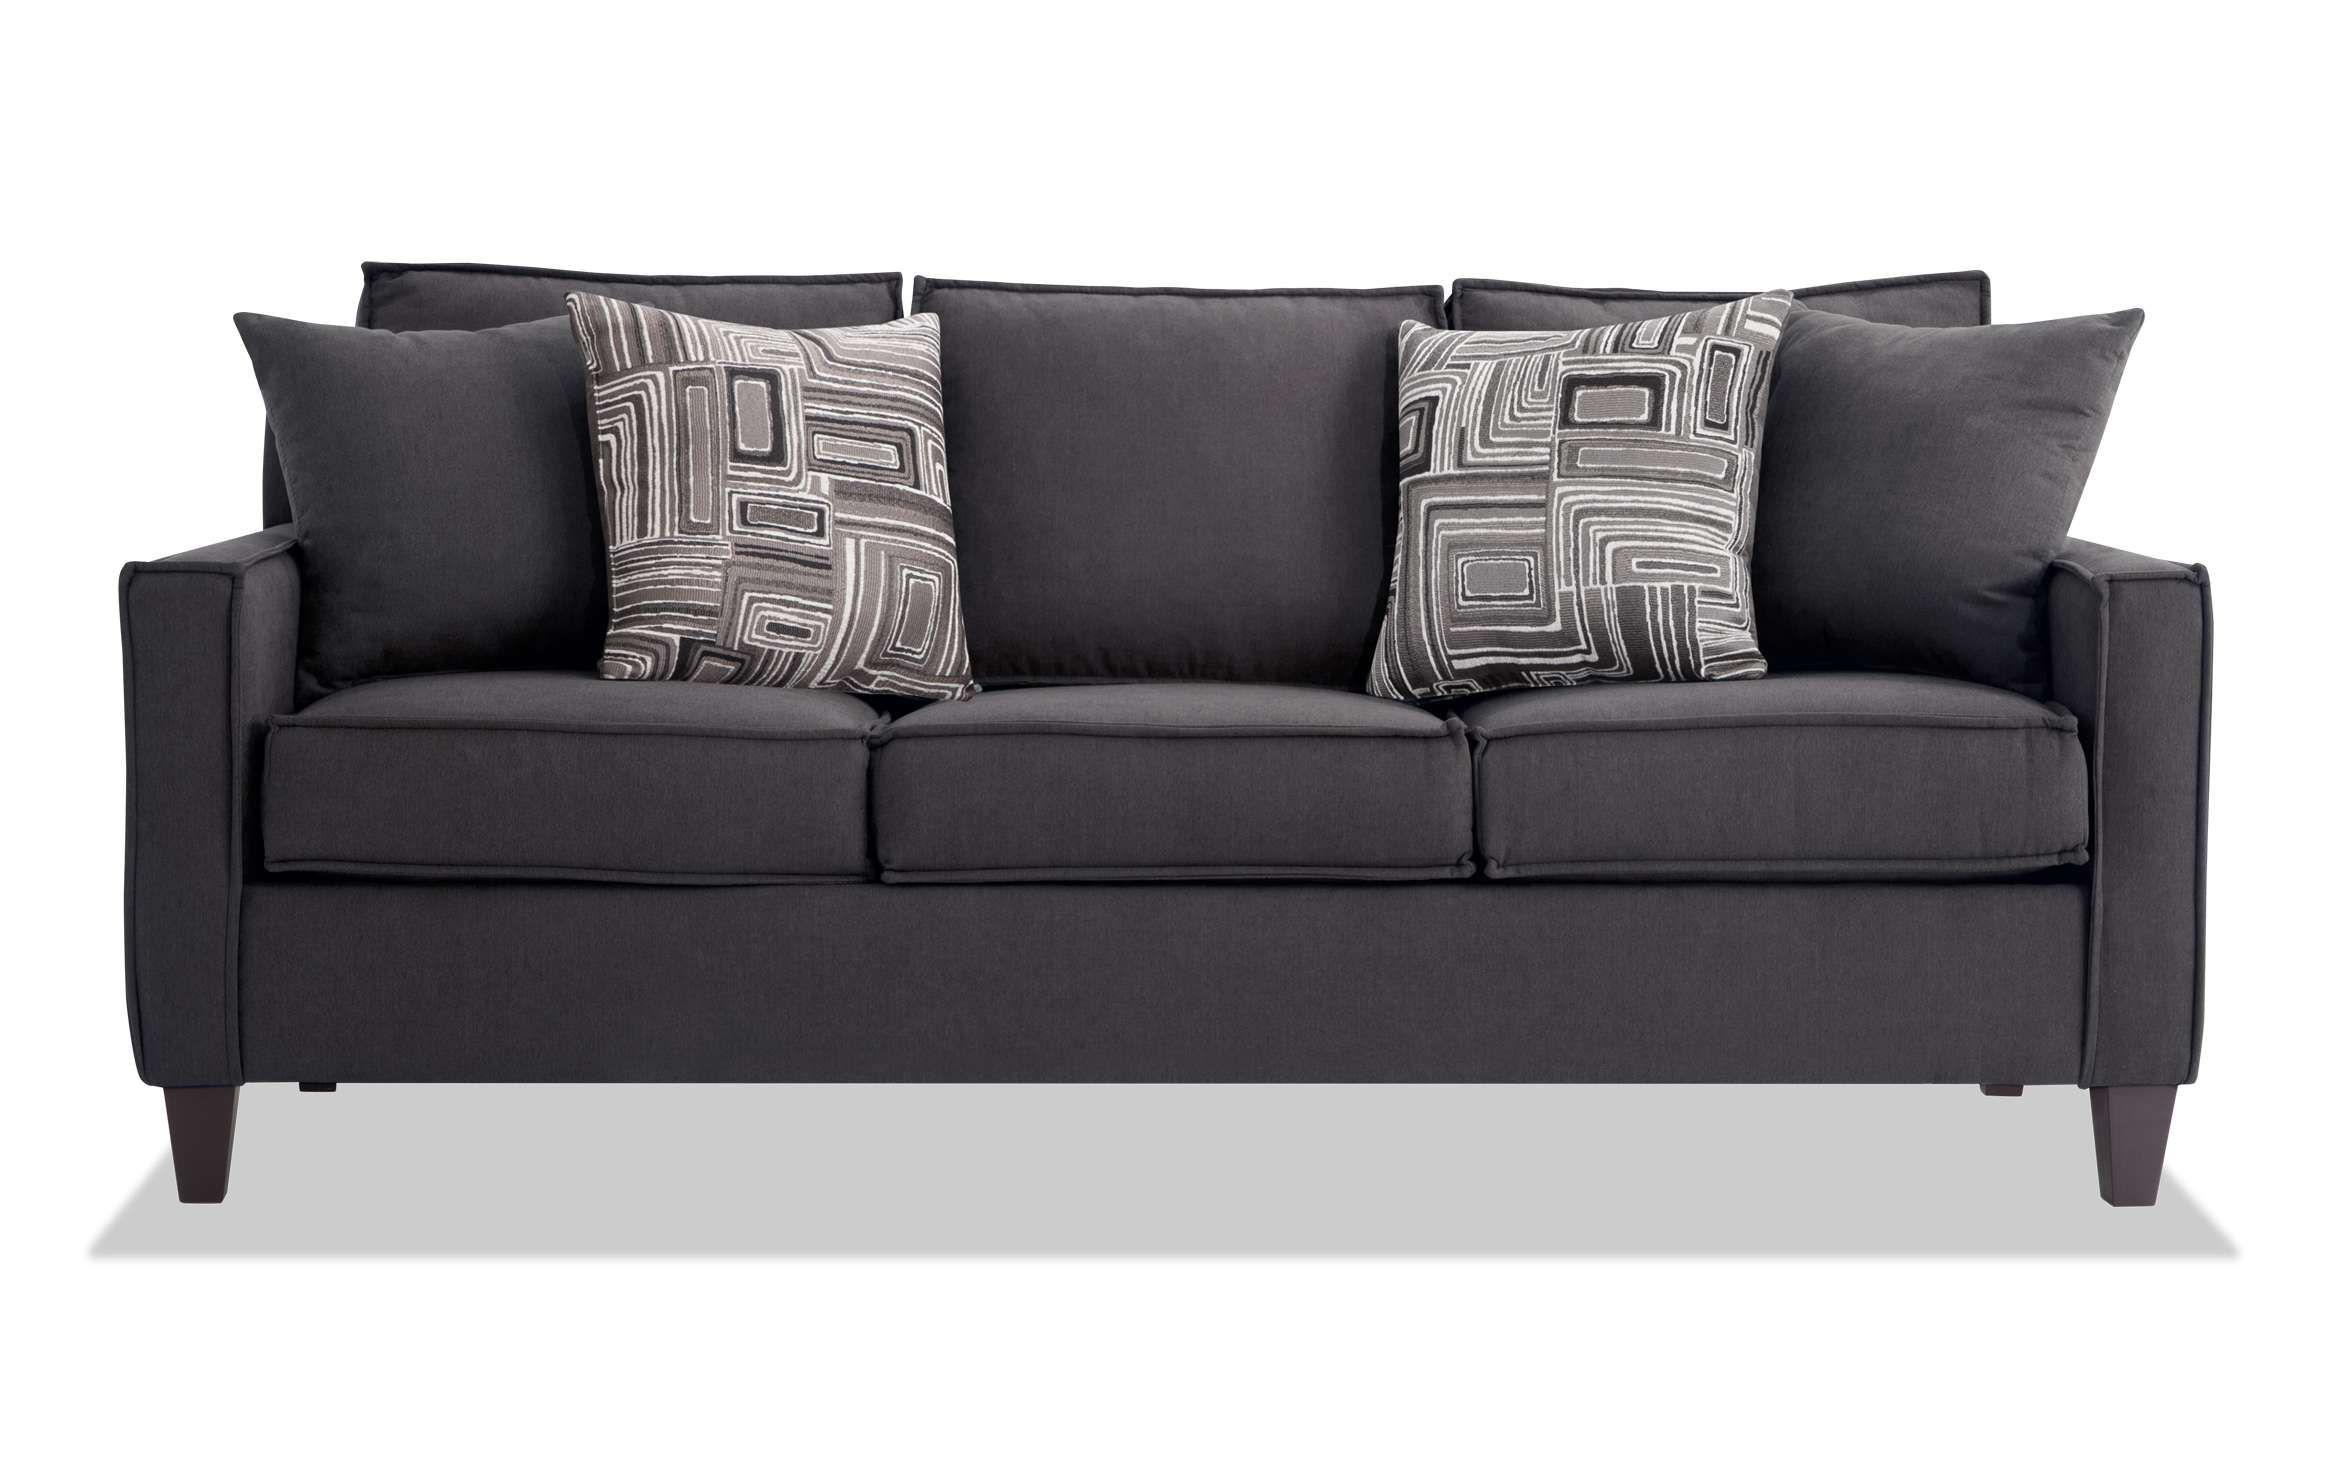 Jessie 80'' Gray BobOPedic Gel Queen Sleeper Sofa in